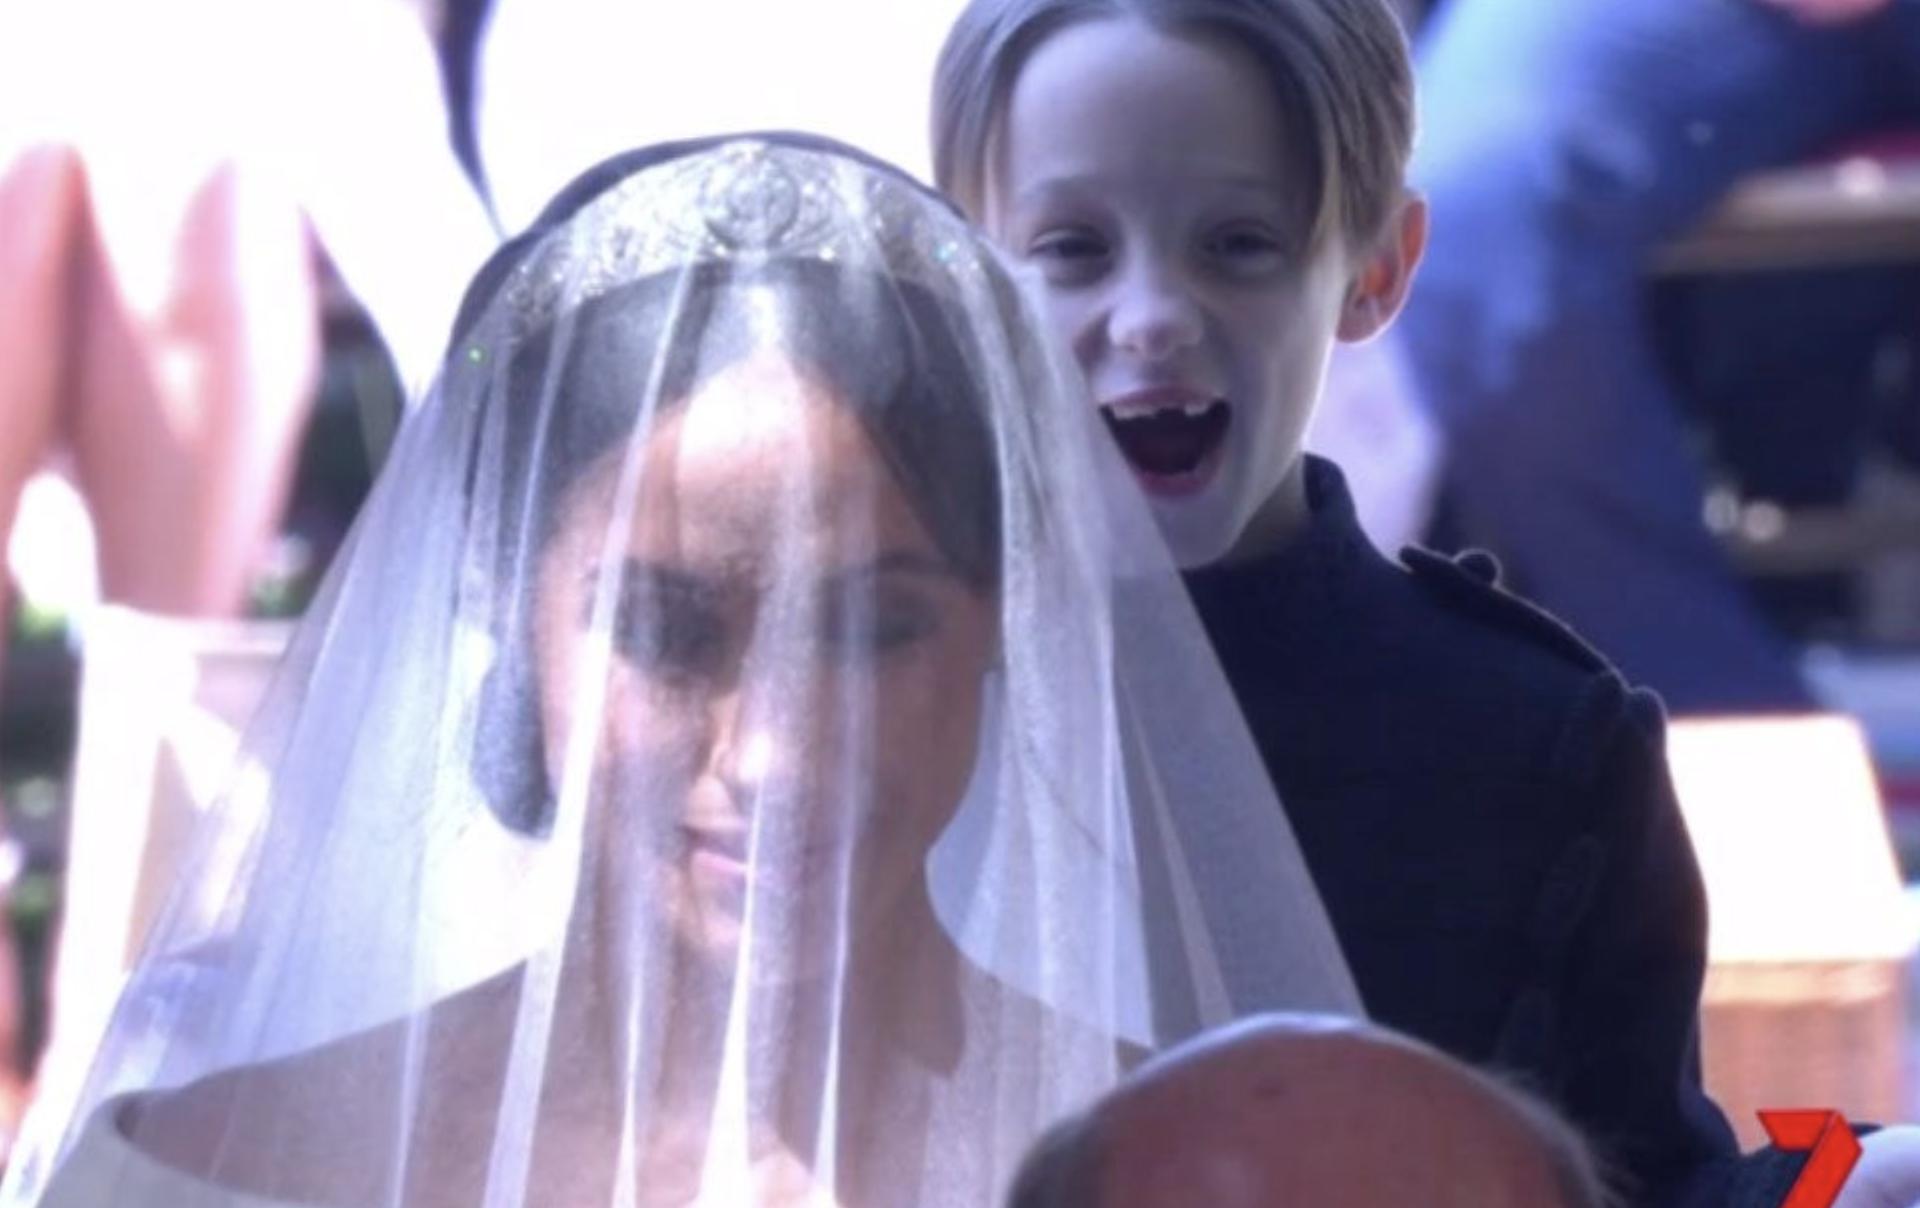 Postao viralni hit: Oduševljeni dječak smijao se iza Meghan